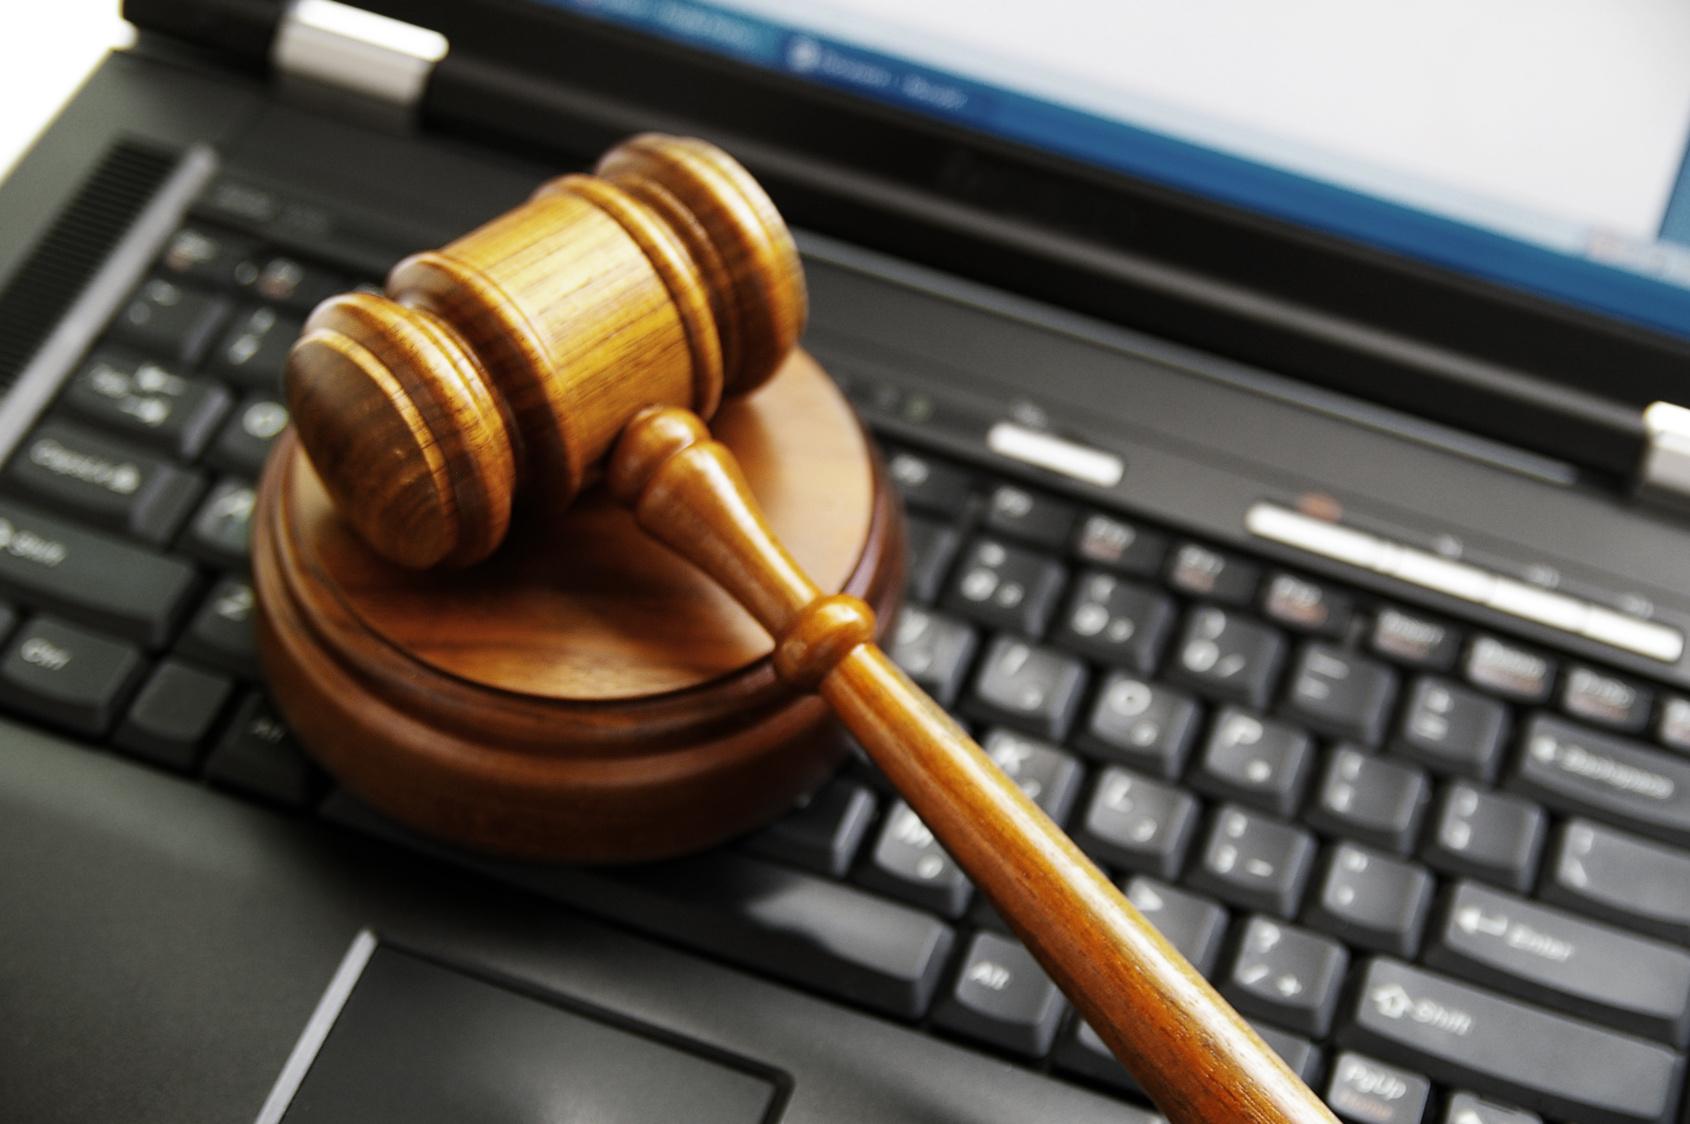 abogados en internet